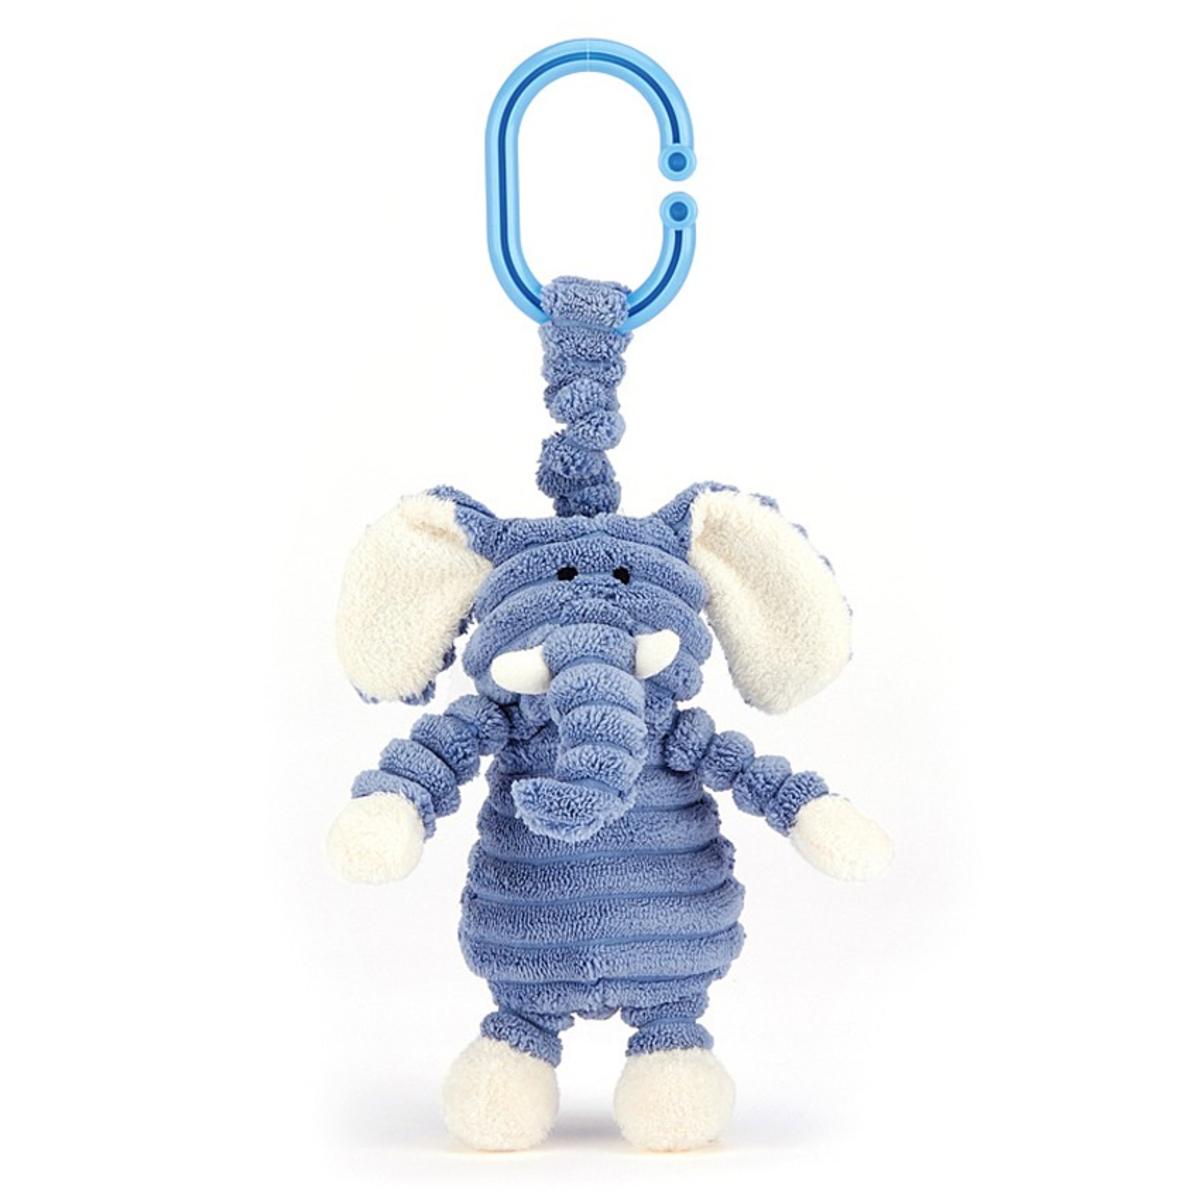 Accessoires poussette Jouet de Poussette Cordy Roy Baby Elephant Jitter Jouet de Poussette Cordy Roy Baby Elephant Jitter